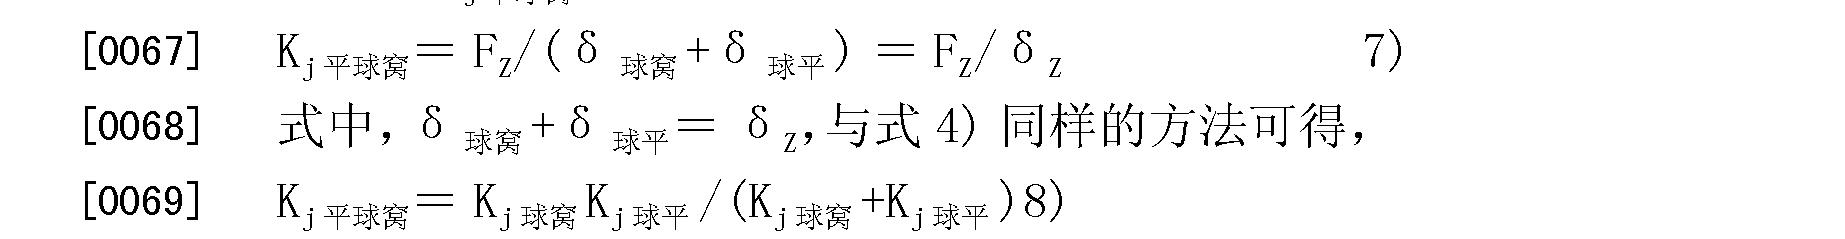 Figure CN102426085BD00092